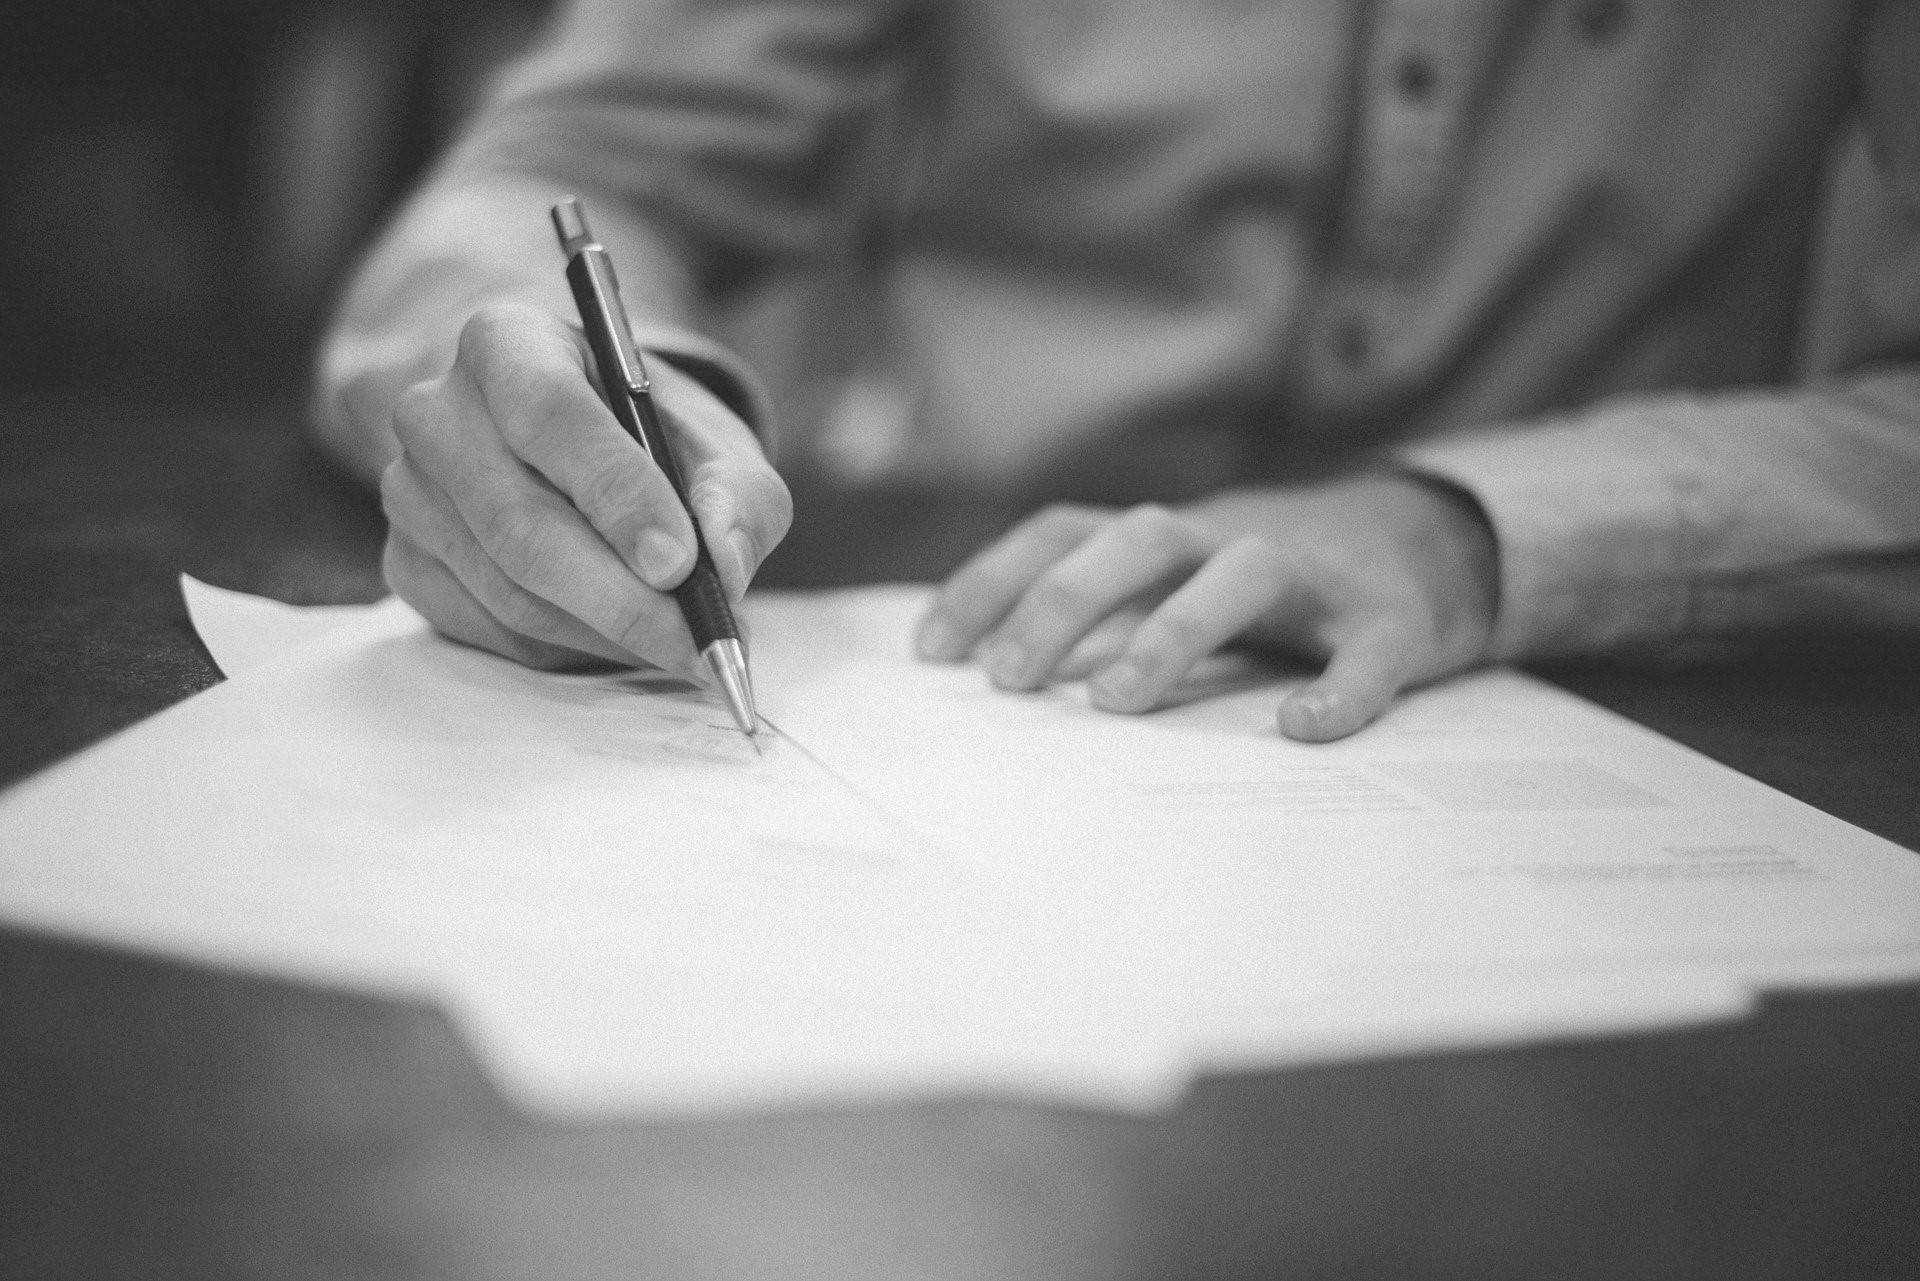 Puudujäägid hanketingimustes vajavad kohest tähelepanu ja reageerimist